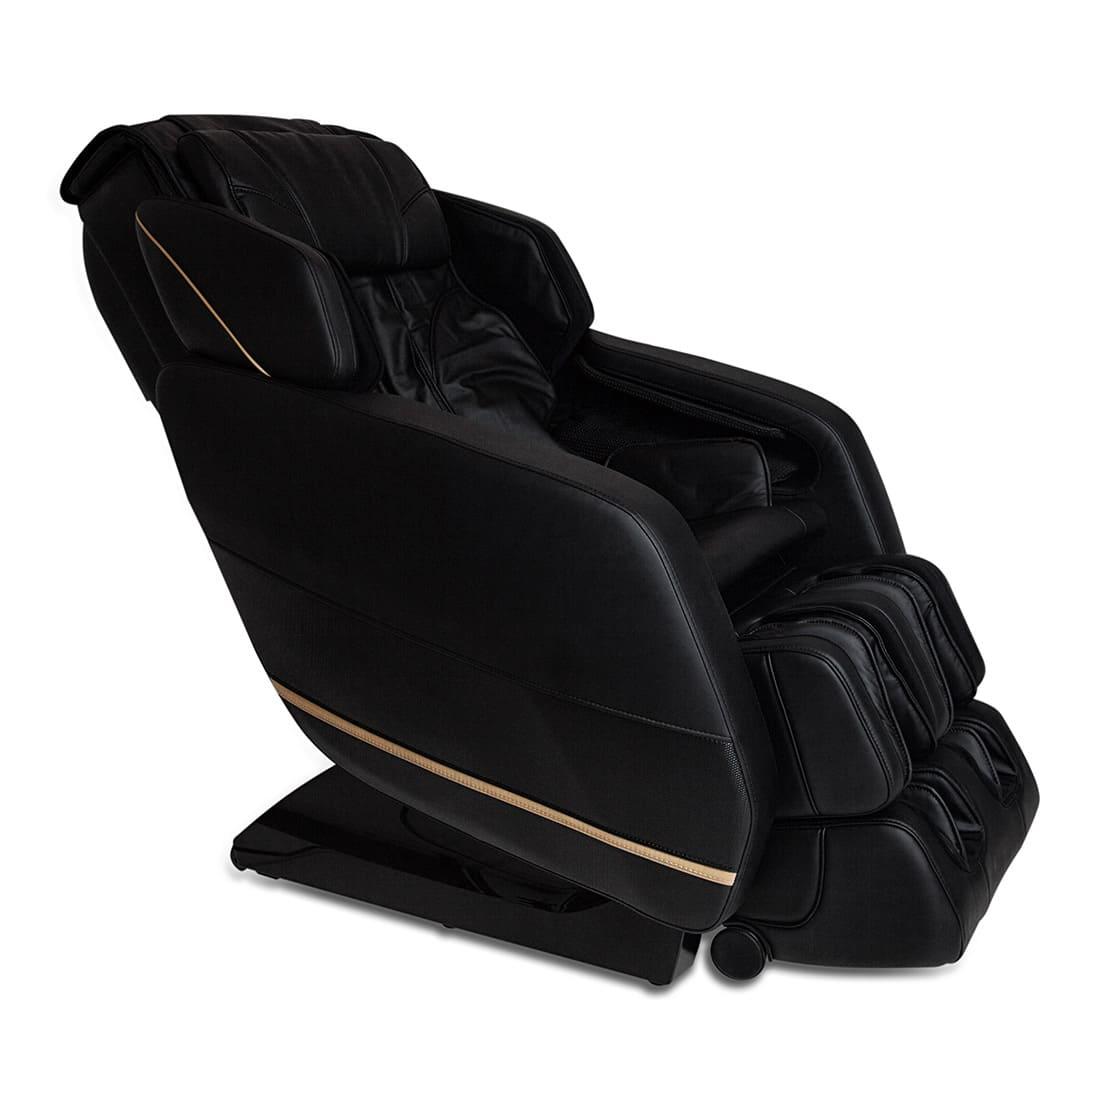 Integro массажное кресло (черное)